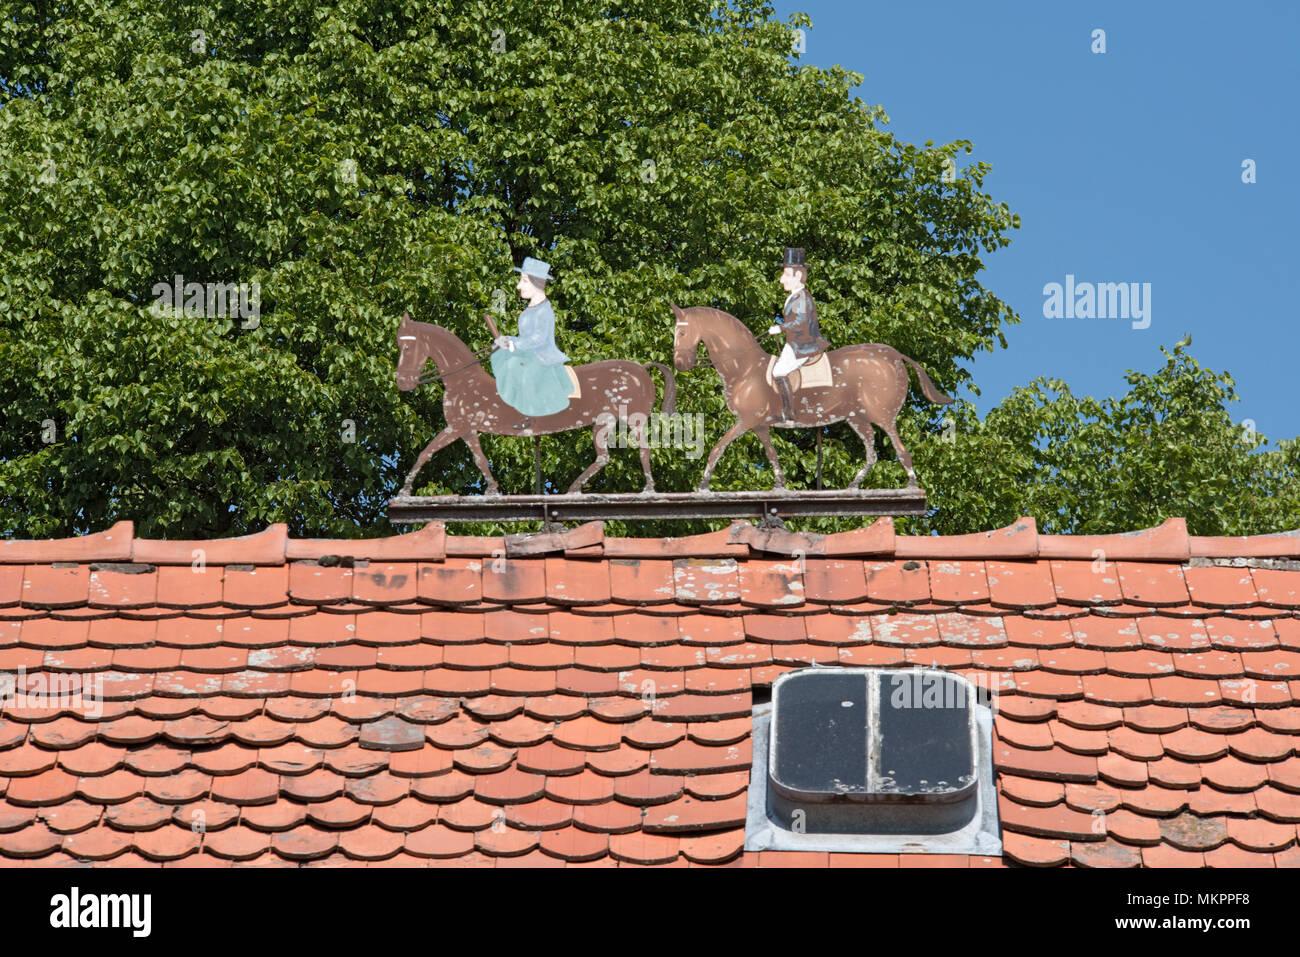 Metall zahlen zwei Fahrer, Mann und Frau, der auf dem Dach eines Immobilien Stockbild